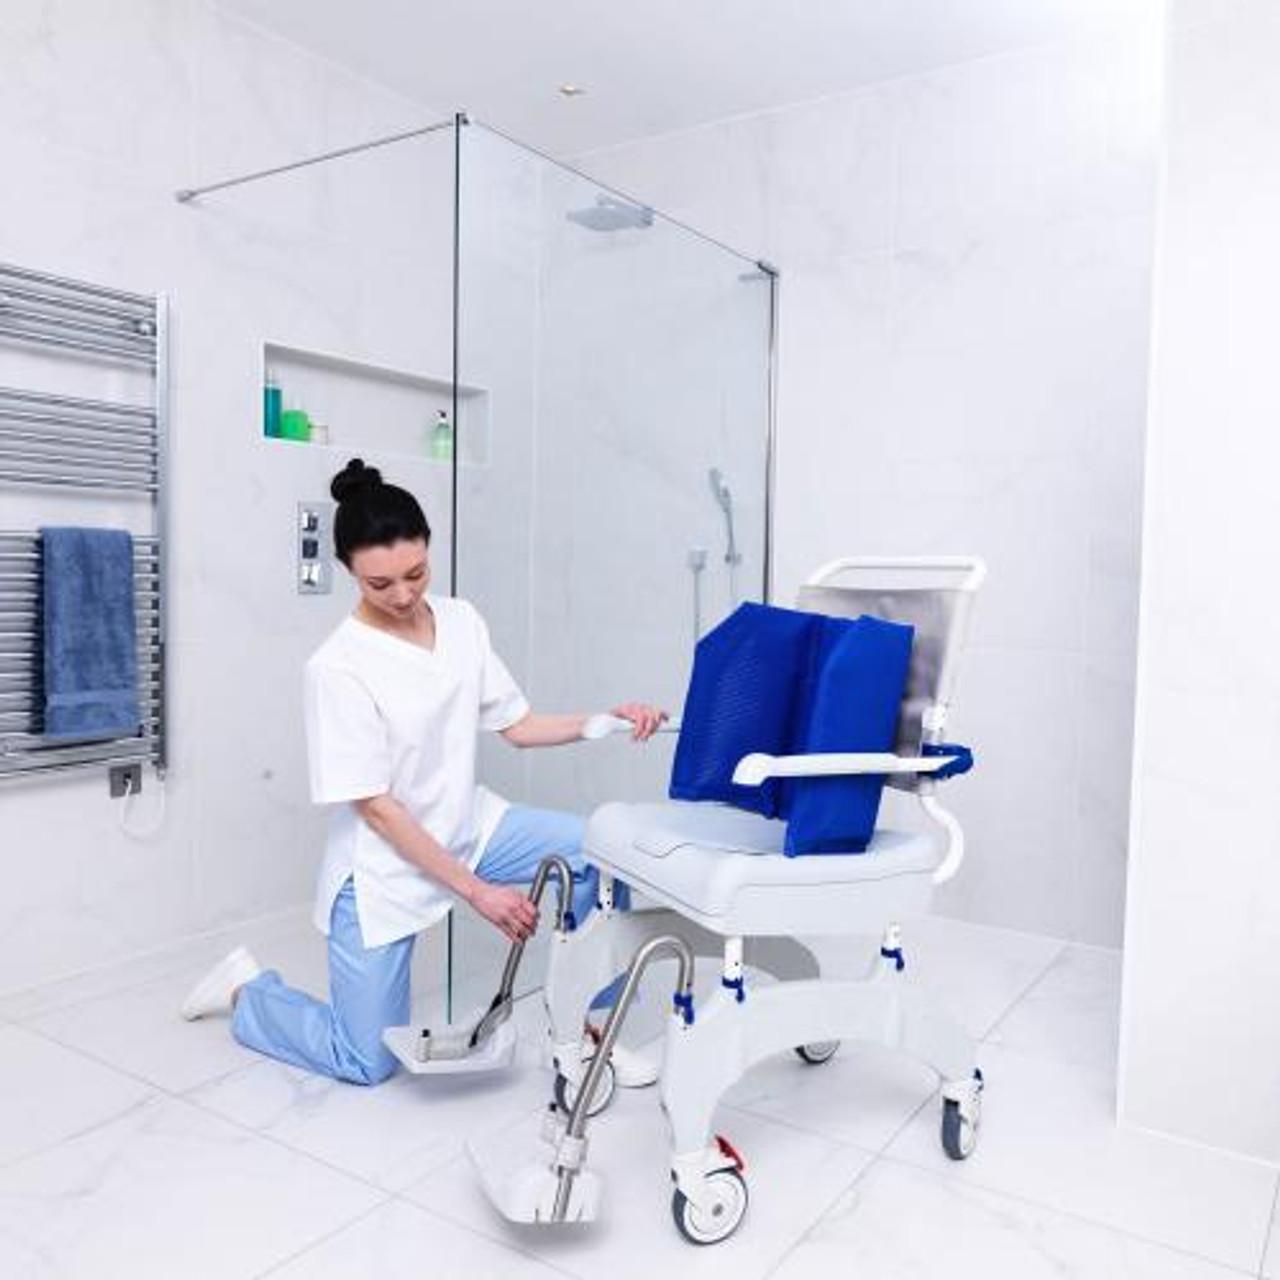 Aquatec ERGO XL shower chair